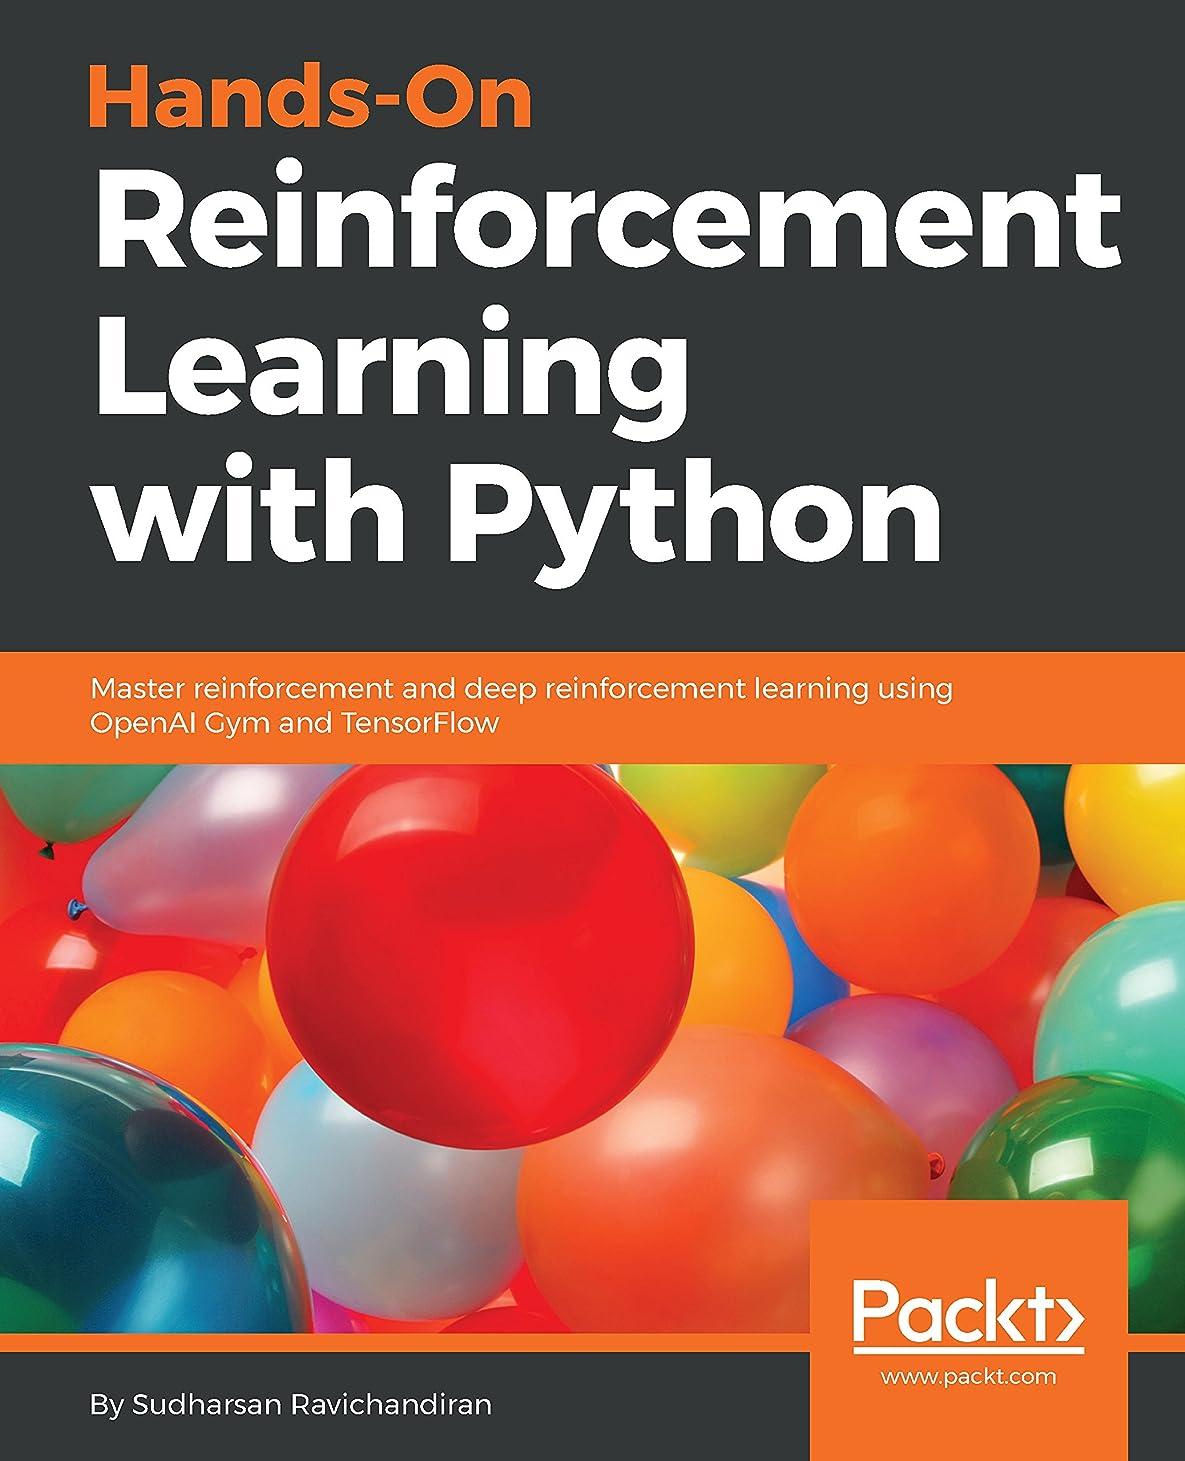 漫画強打湿度Hands-On Reinforcement Learning with Python: Master reinforcement and deep reinforcement learning using OpenAI Gym and TensorFlow (English Edition)